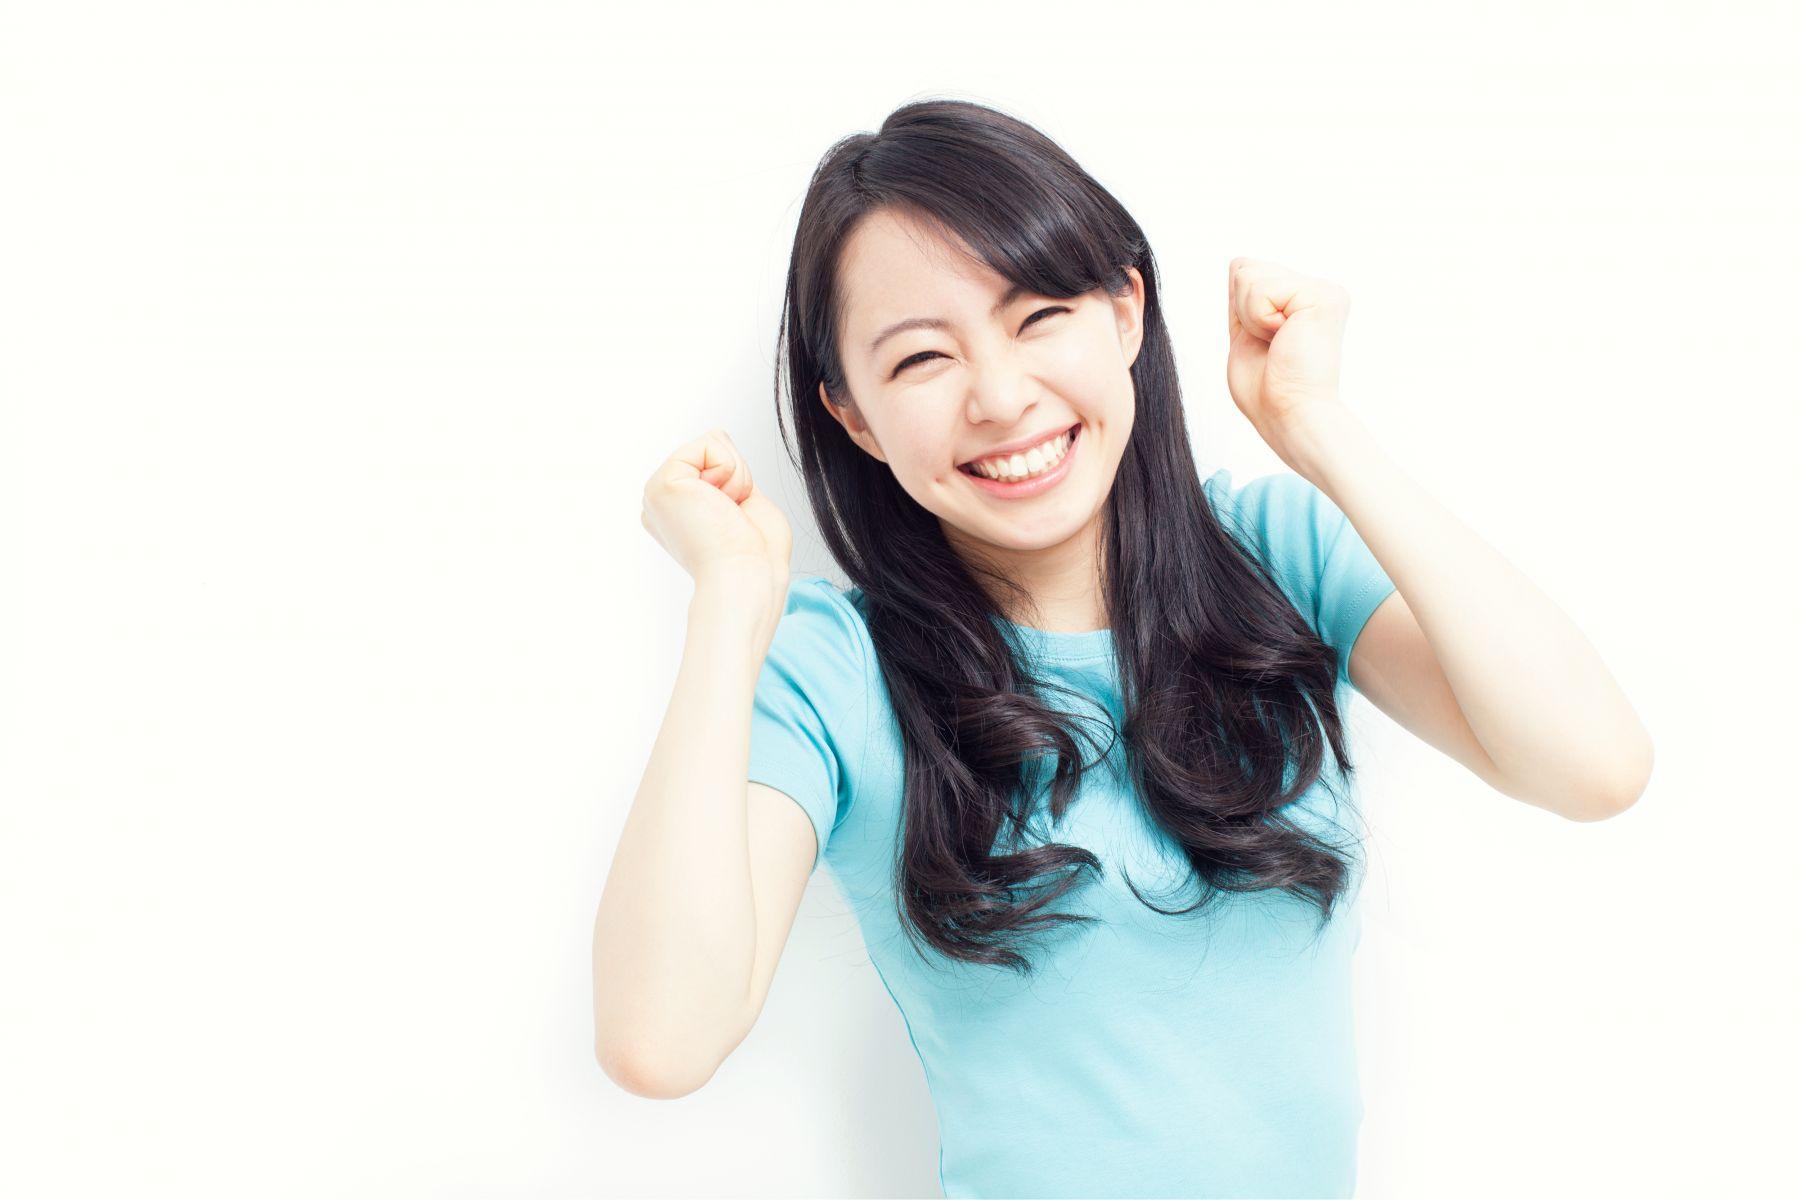 遠離憂鬱,讓自己變得更快樂!專家教你5招提高快樂激素「多巴胺」